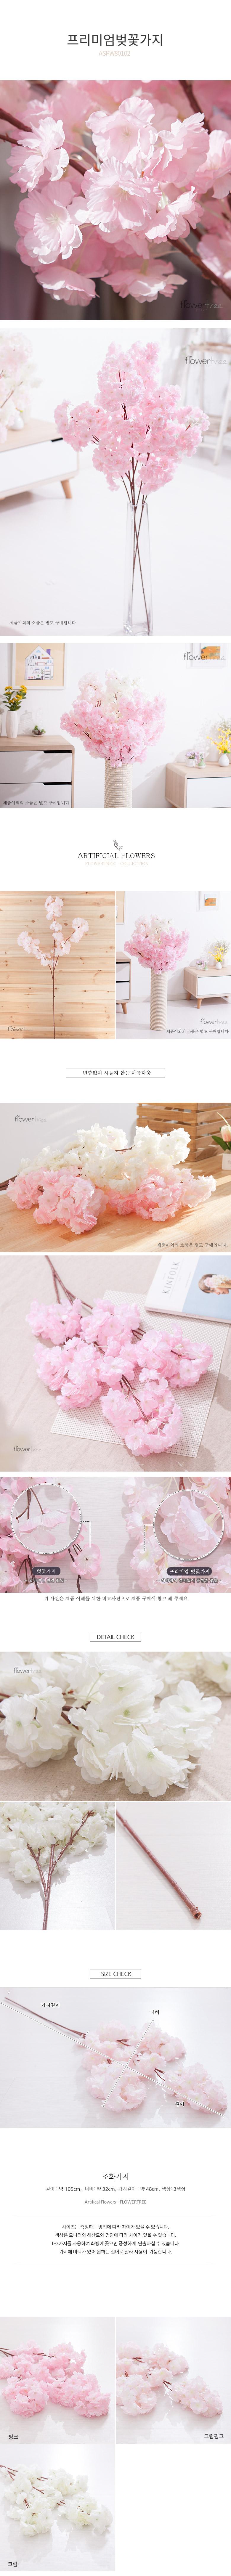 프리미엄벚꽃가지 105cm [조화] - 플라워트리, 11,000원, 조화, 부쉬